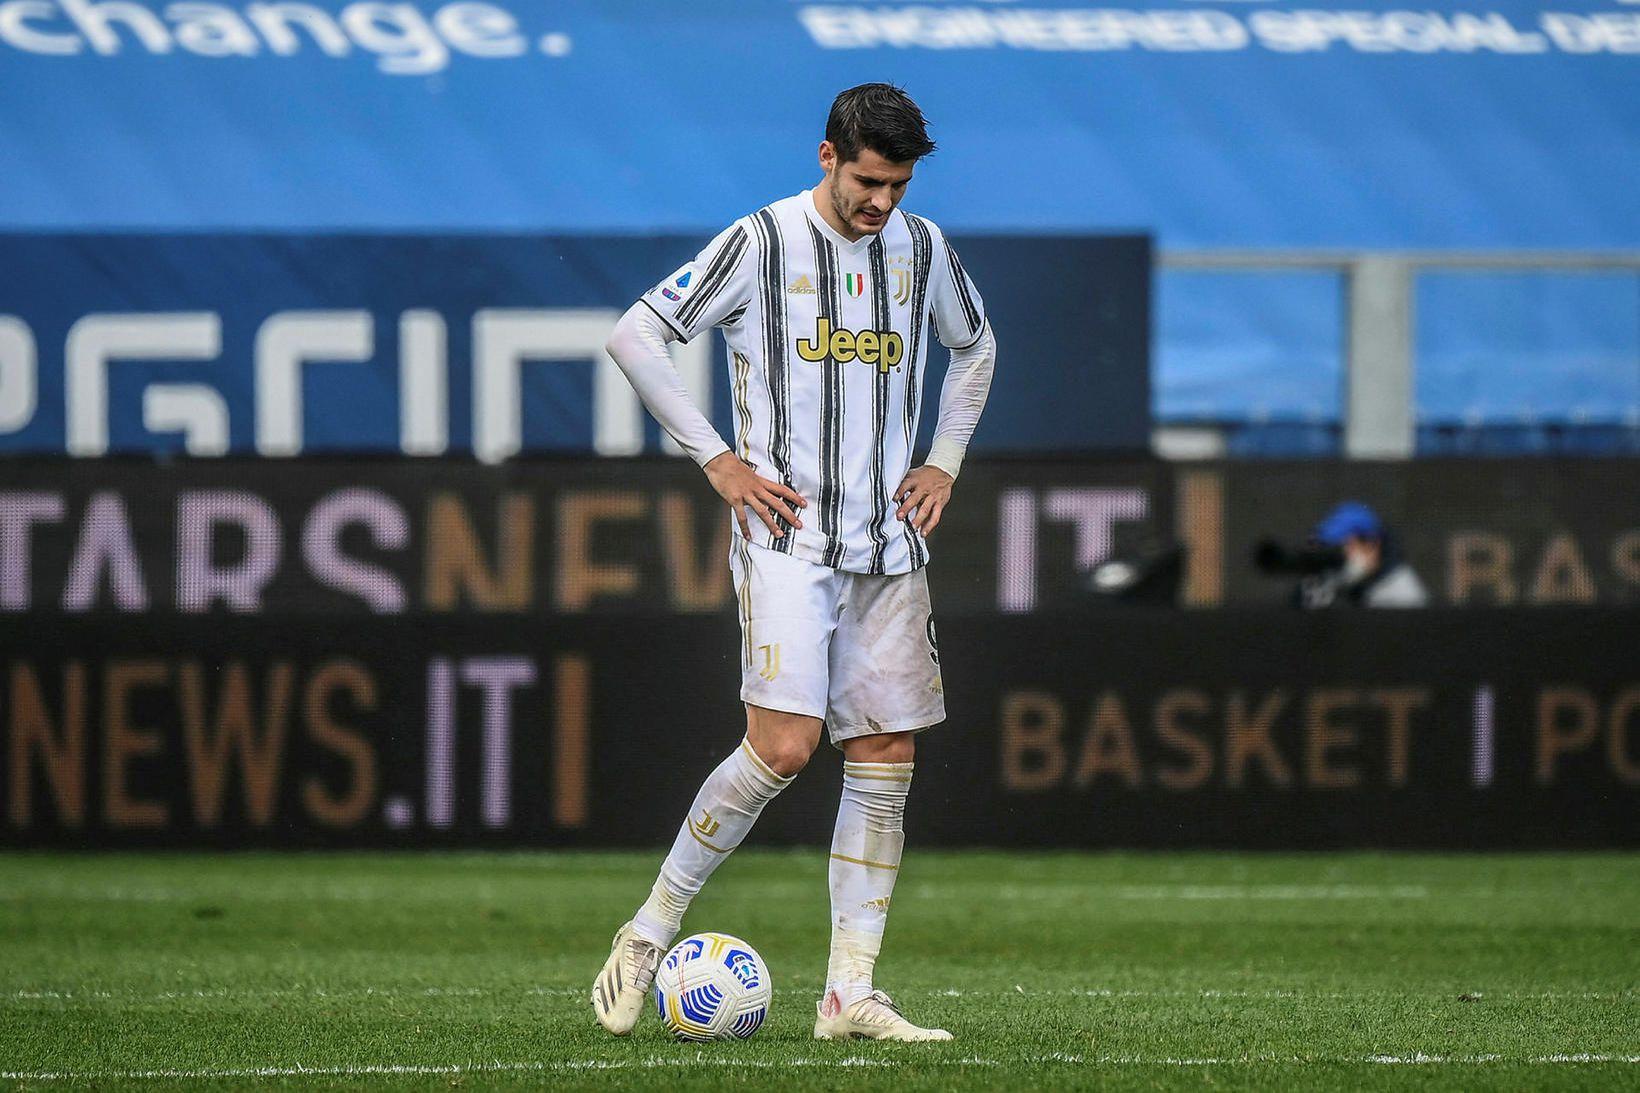 Tímabilið hefur verið erfitt fyrir Juventus.